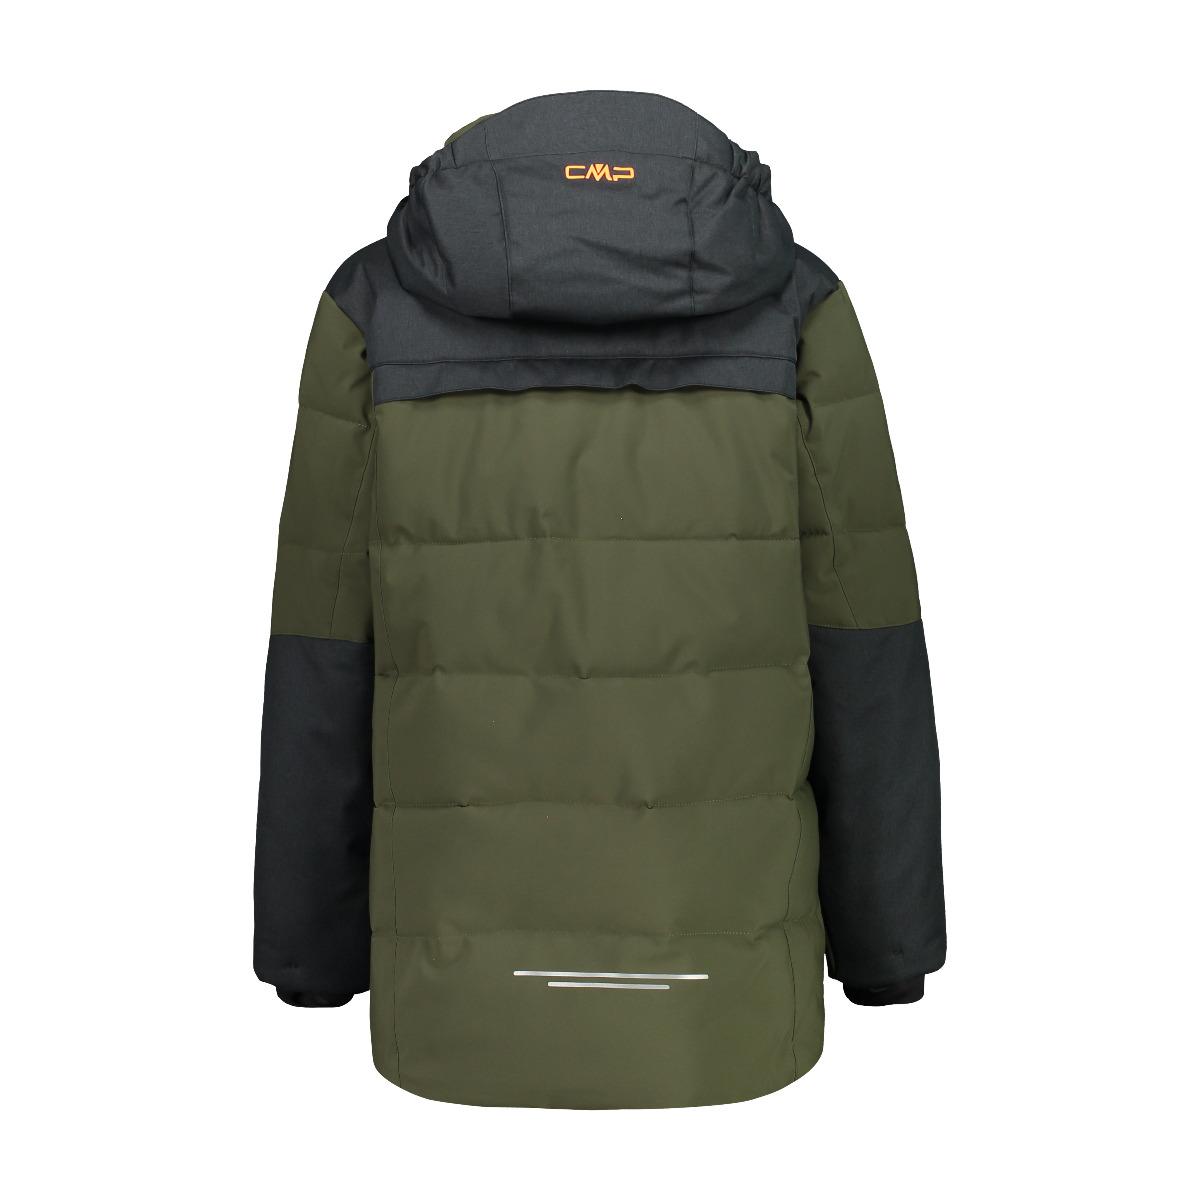 CMP Kinder Jacke Skijacke lang 30W0184 oliv